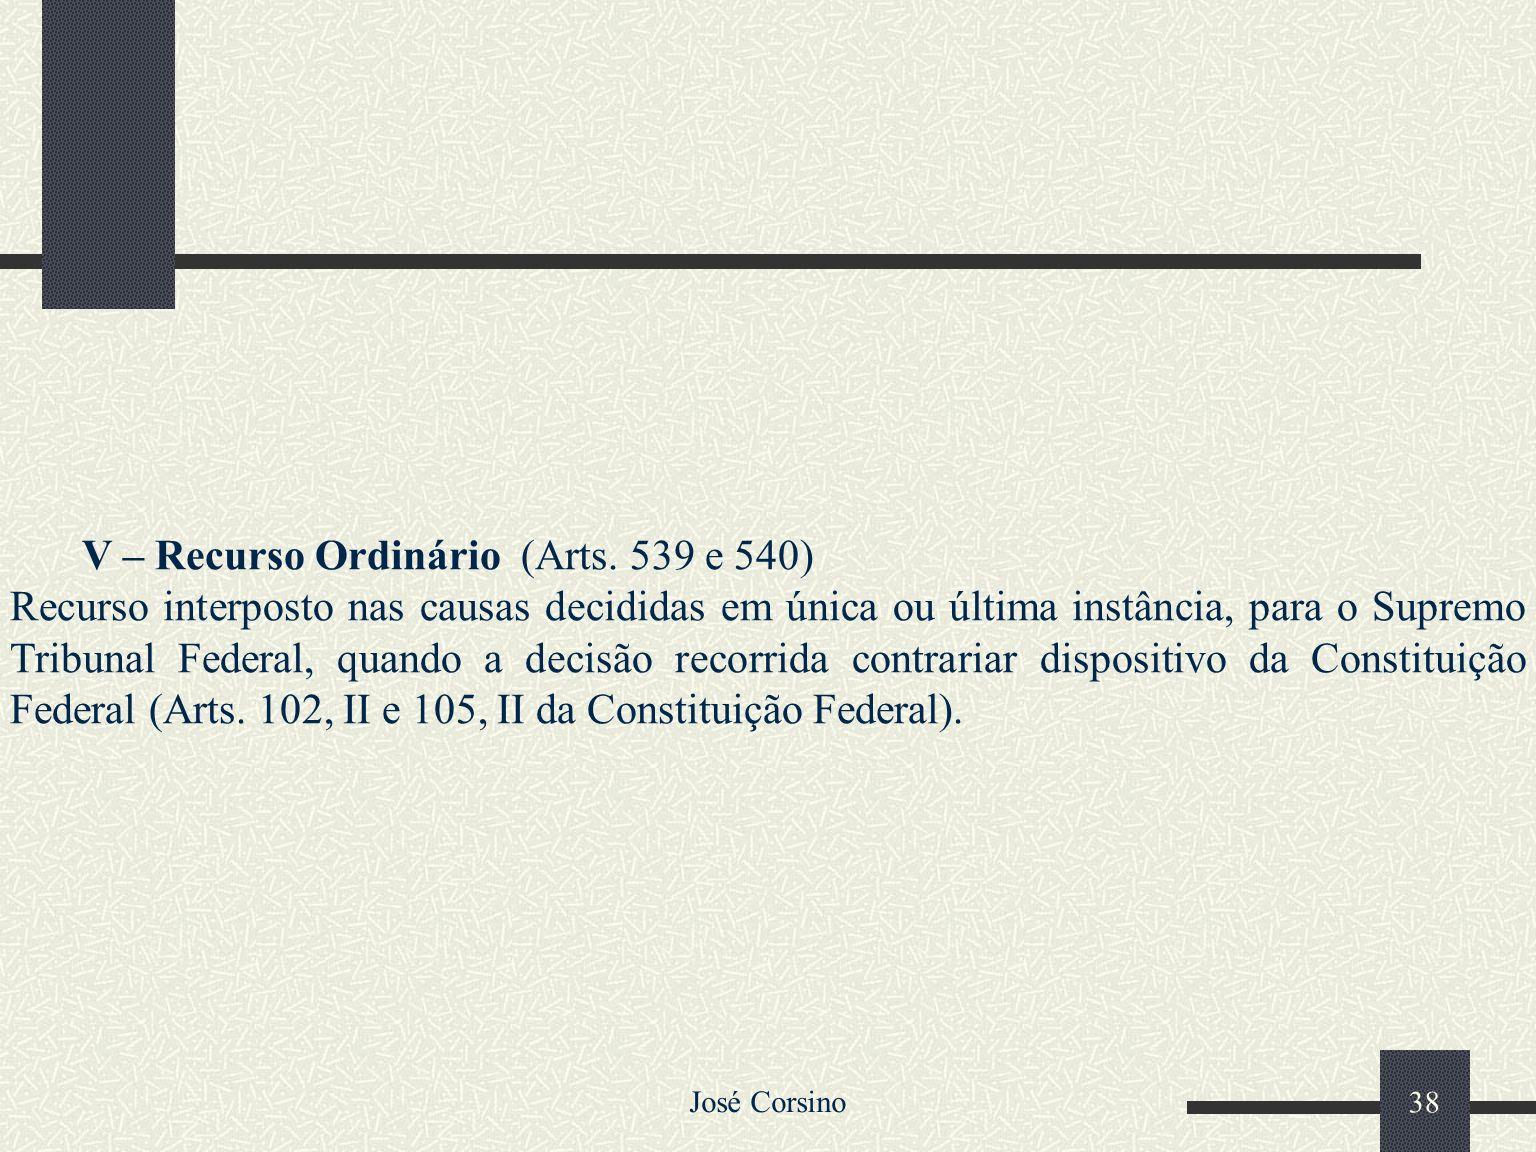 V – Recurso Ordinário (Arts. 539 e 540)